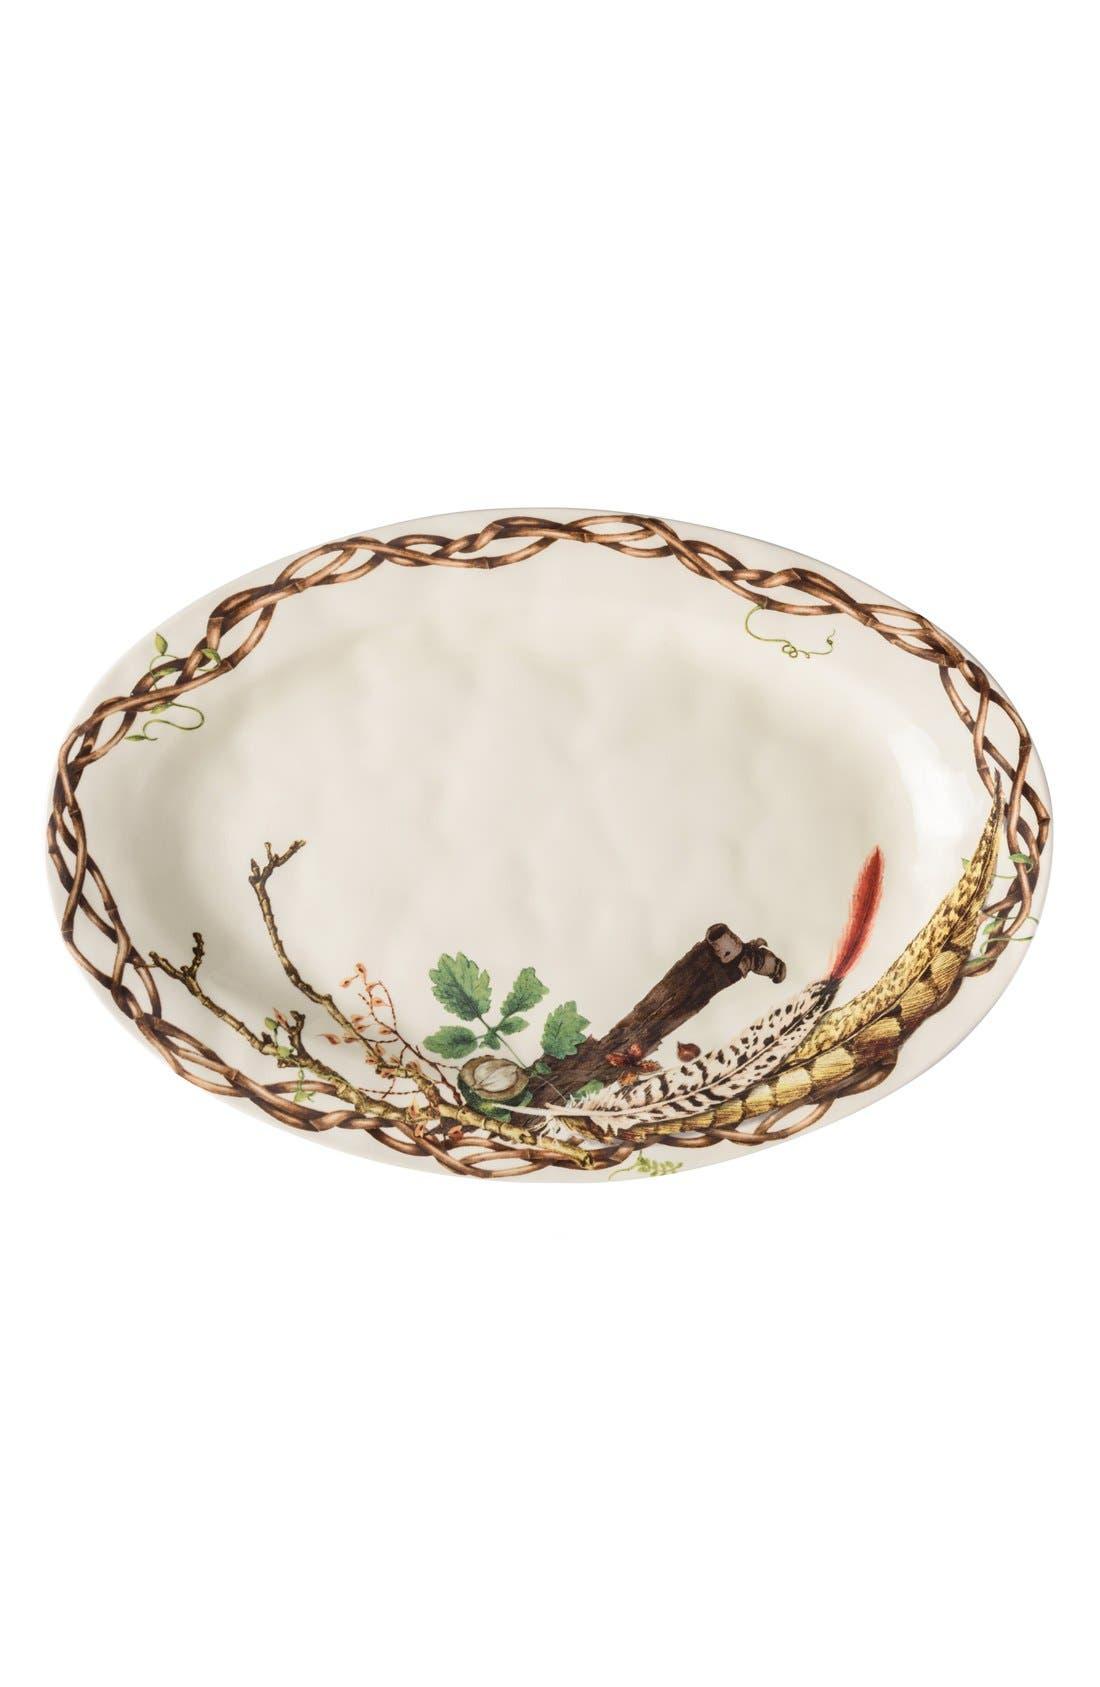 Alternate Image 1 Selected - Juliska Forest Walk Oval Ceramic Platter